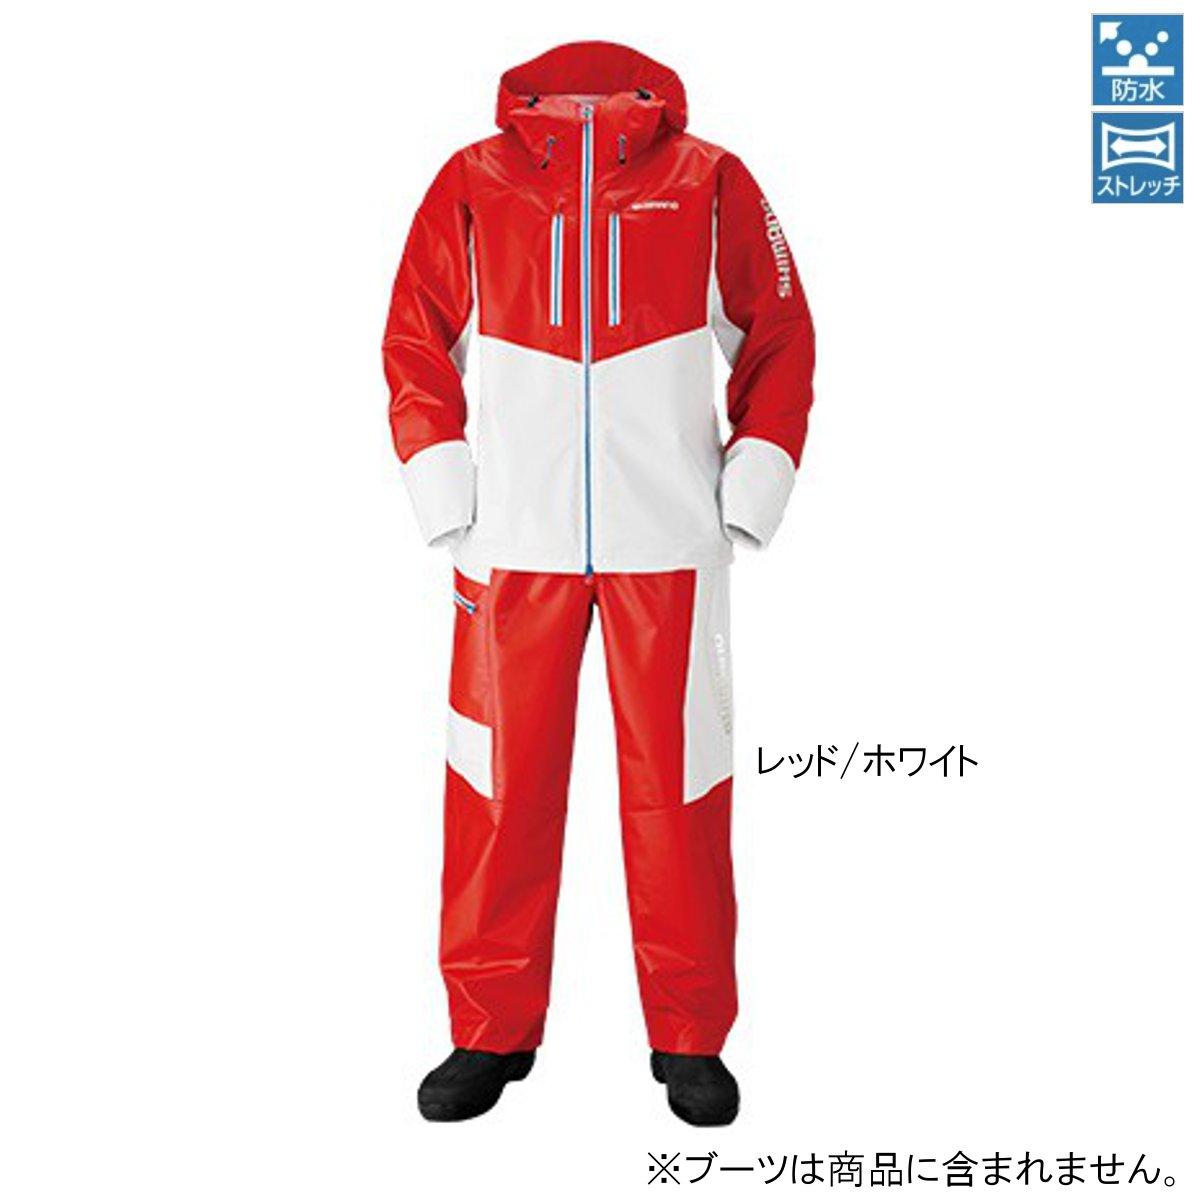 【8日最大8千円オフクーポン!】シマノ マリンライトスーツ RA-034N 2XL レッド/ホワイト